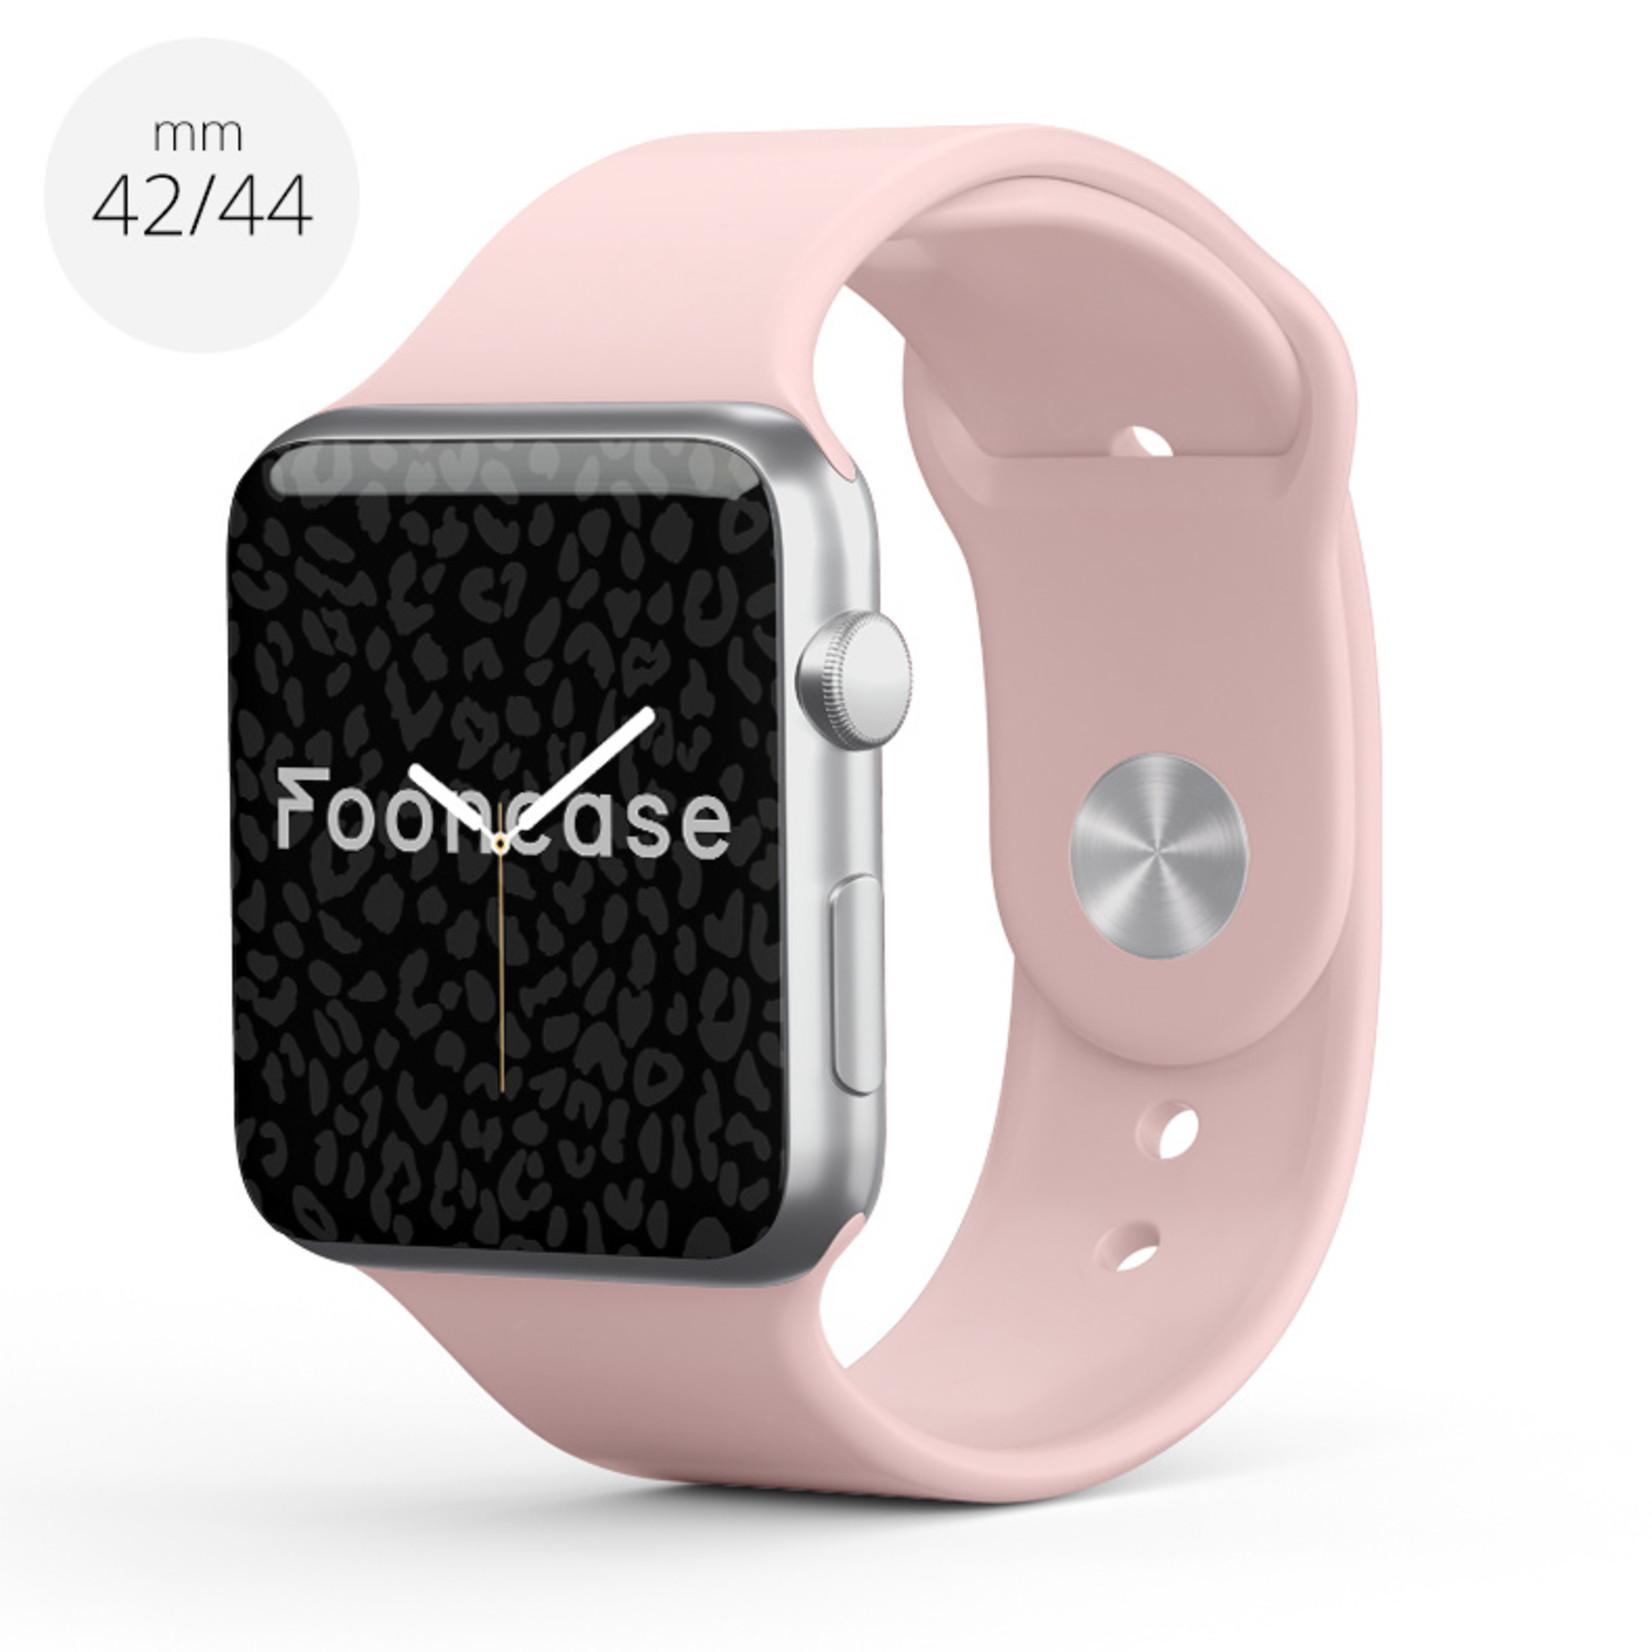 FOONCASE Apple Watch Series (1 t/m 6 / SE) - Altrosa - 42/44mm